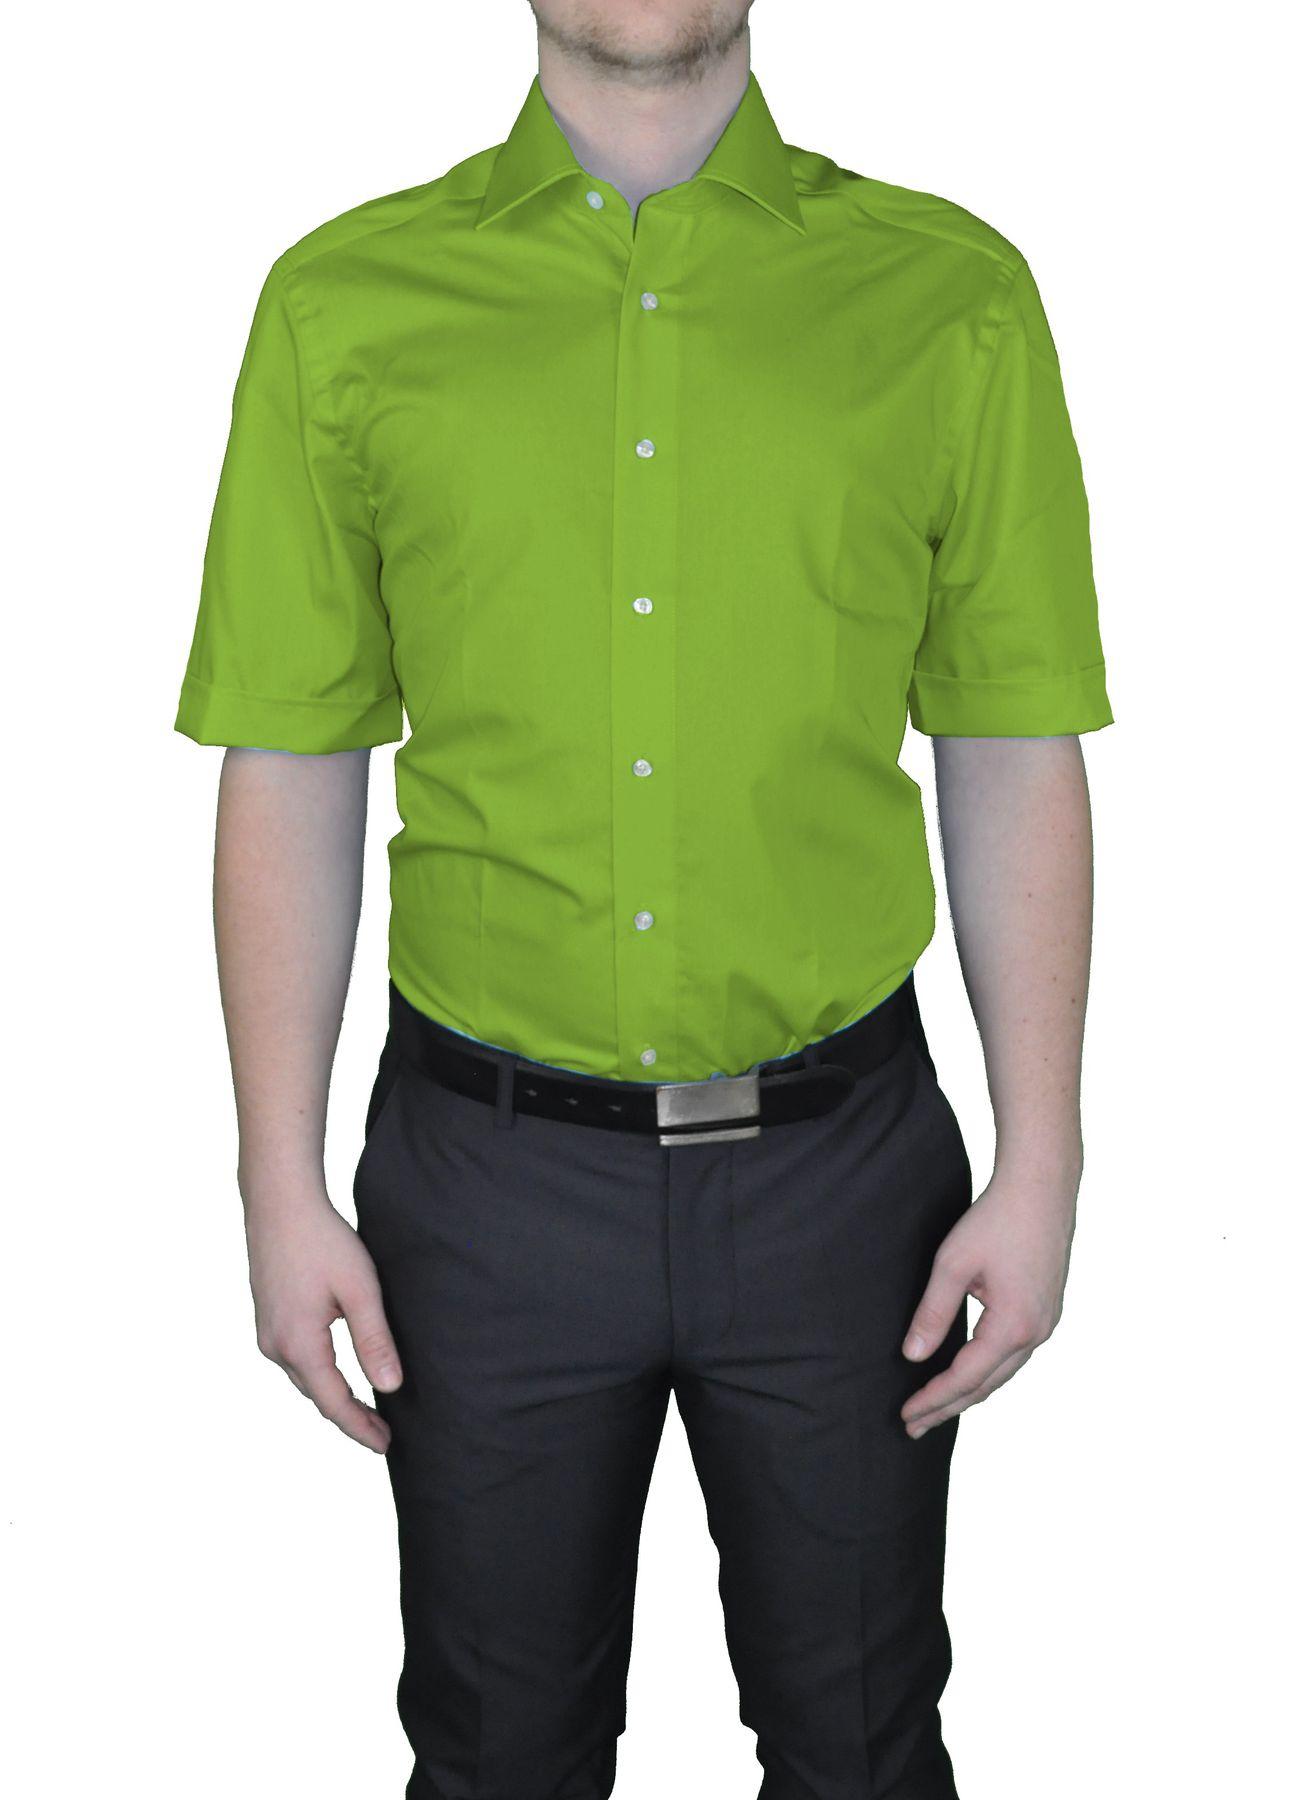 Bügelfreies Herren Kurzarm Hemd in verschiedenen Farben, Stil: BODY CUT, Marke REDMOND(150910 A) – Bild 25